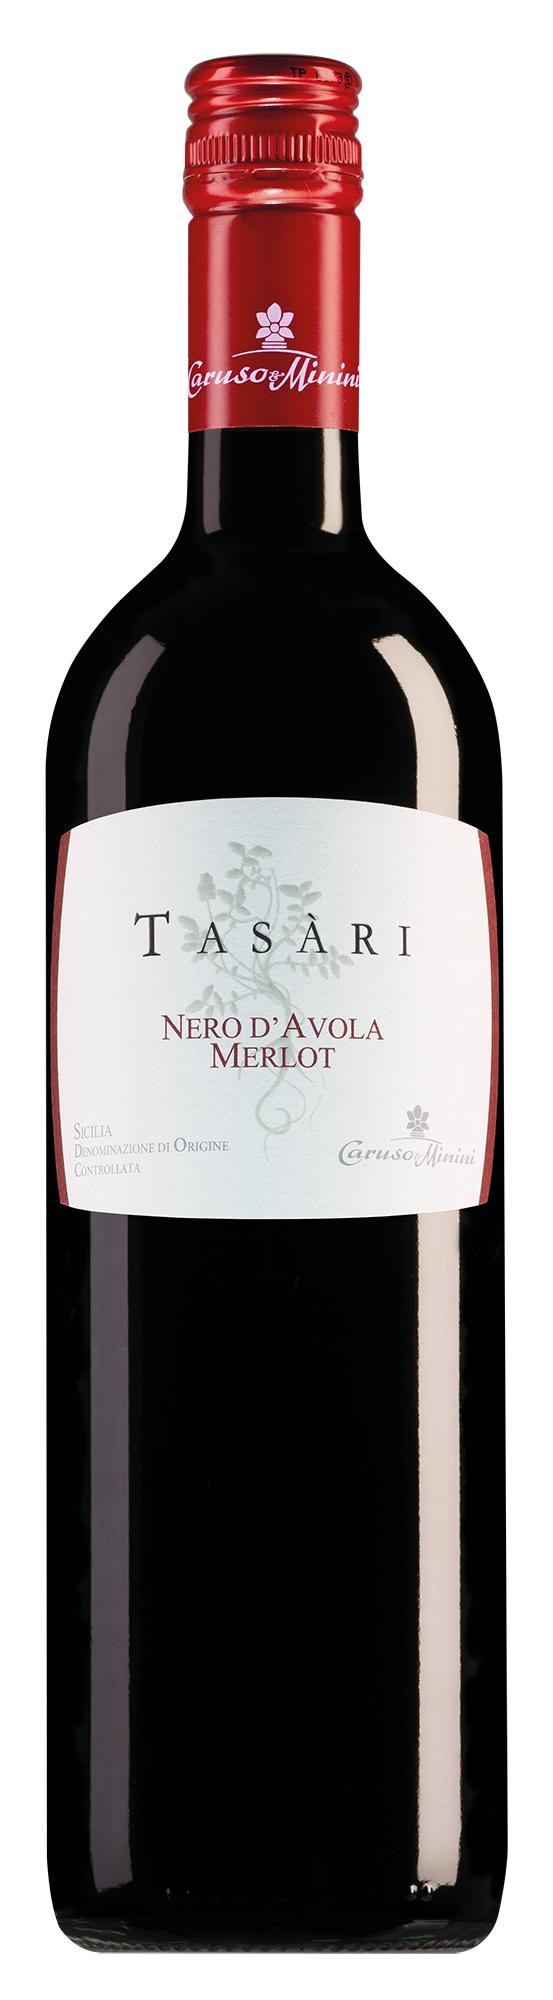 Caruso e Minini Terre Siciliane Tasari Nero d'Avola-Merlot